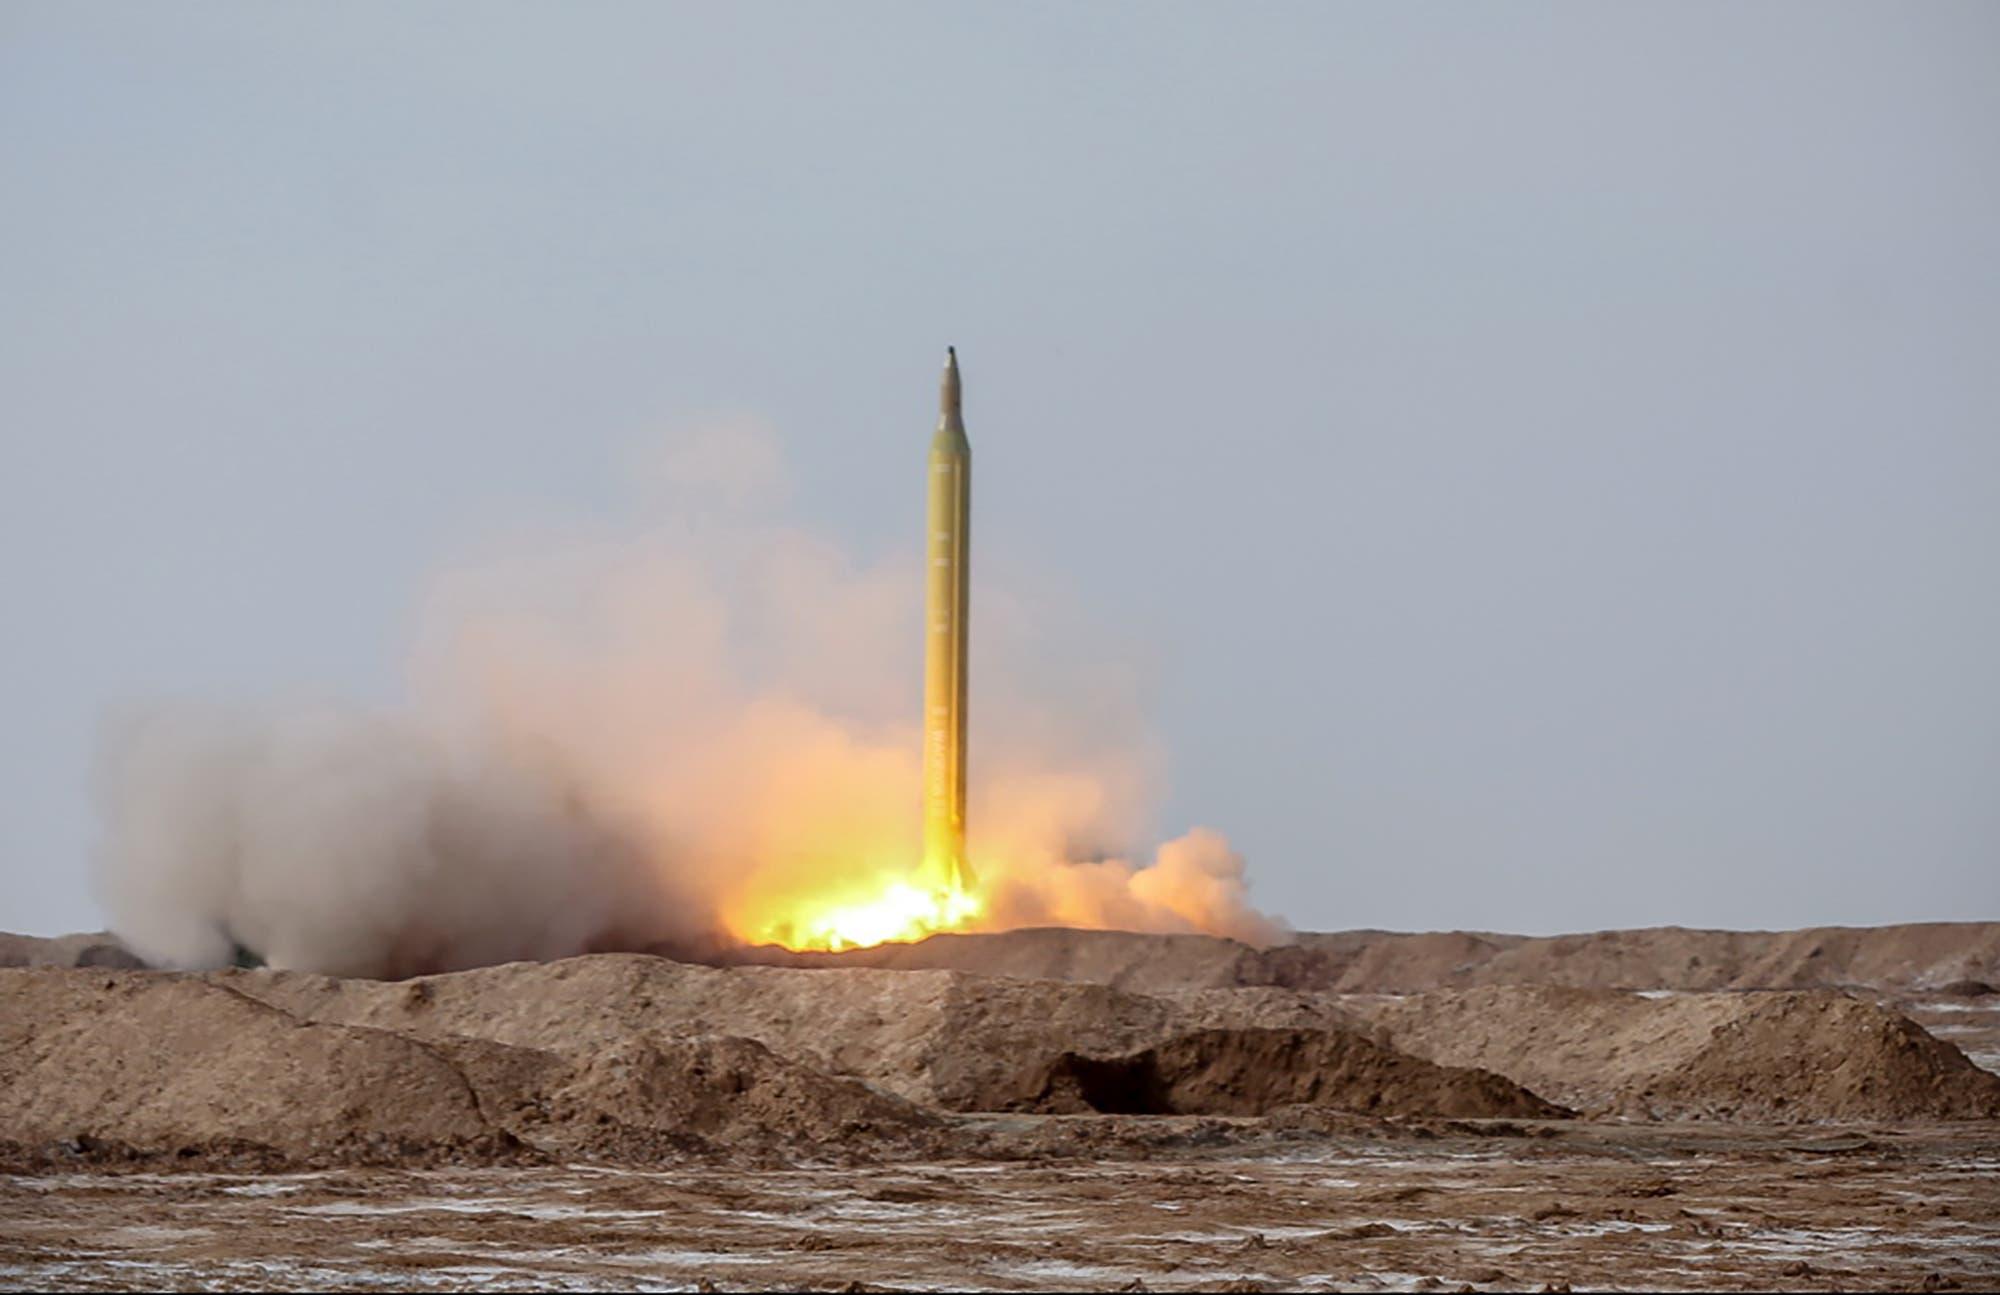 إطلاق صاروخ خلال مناورات عسكرية إيرانية في يناير الماضي (أرشيفية)